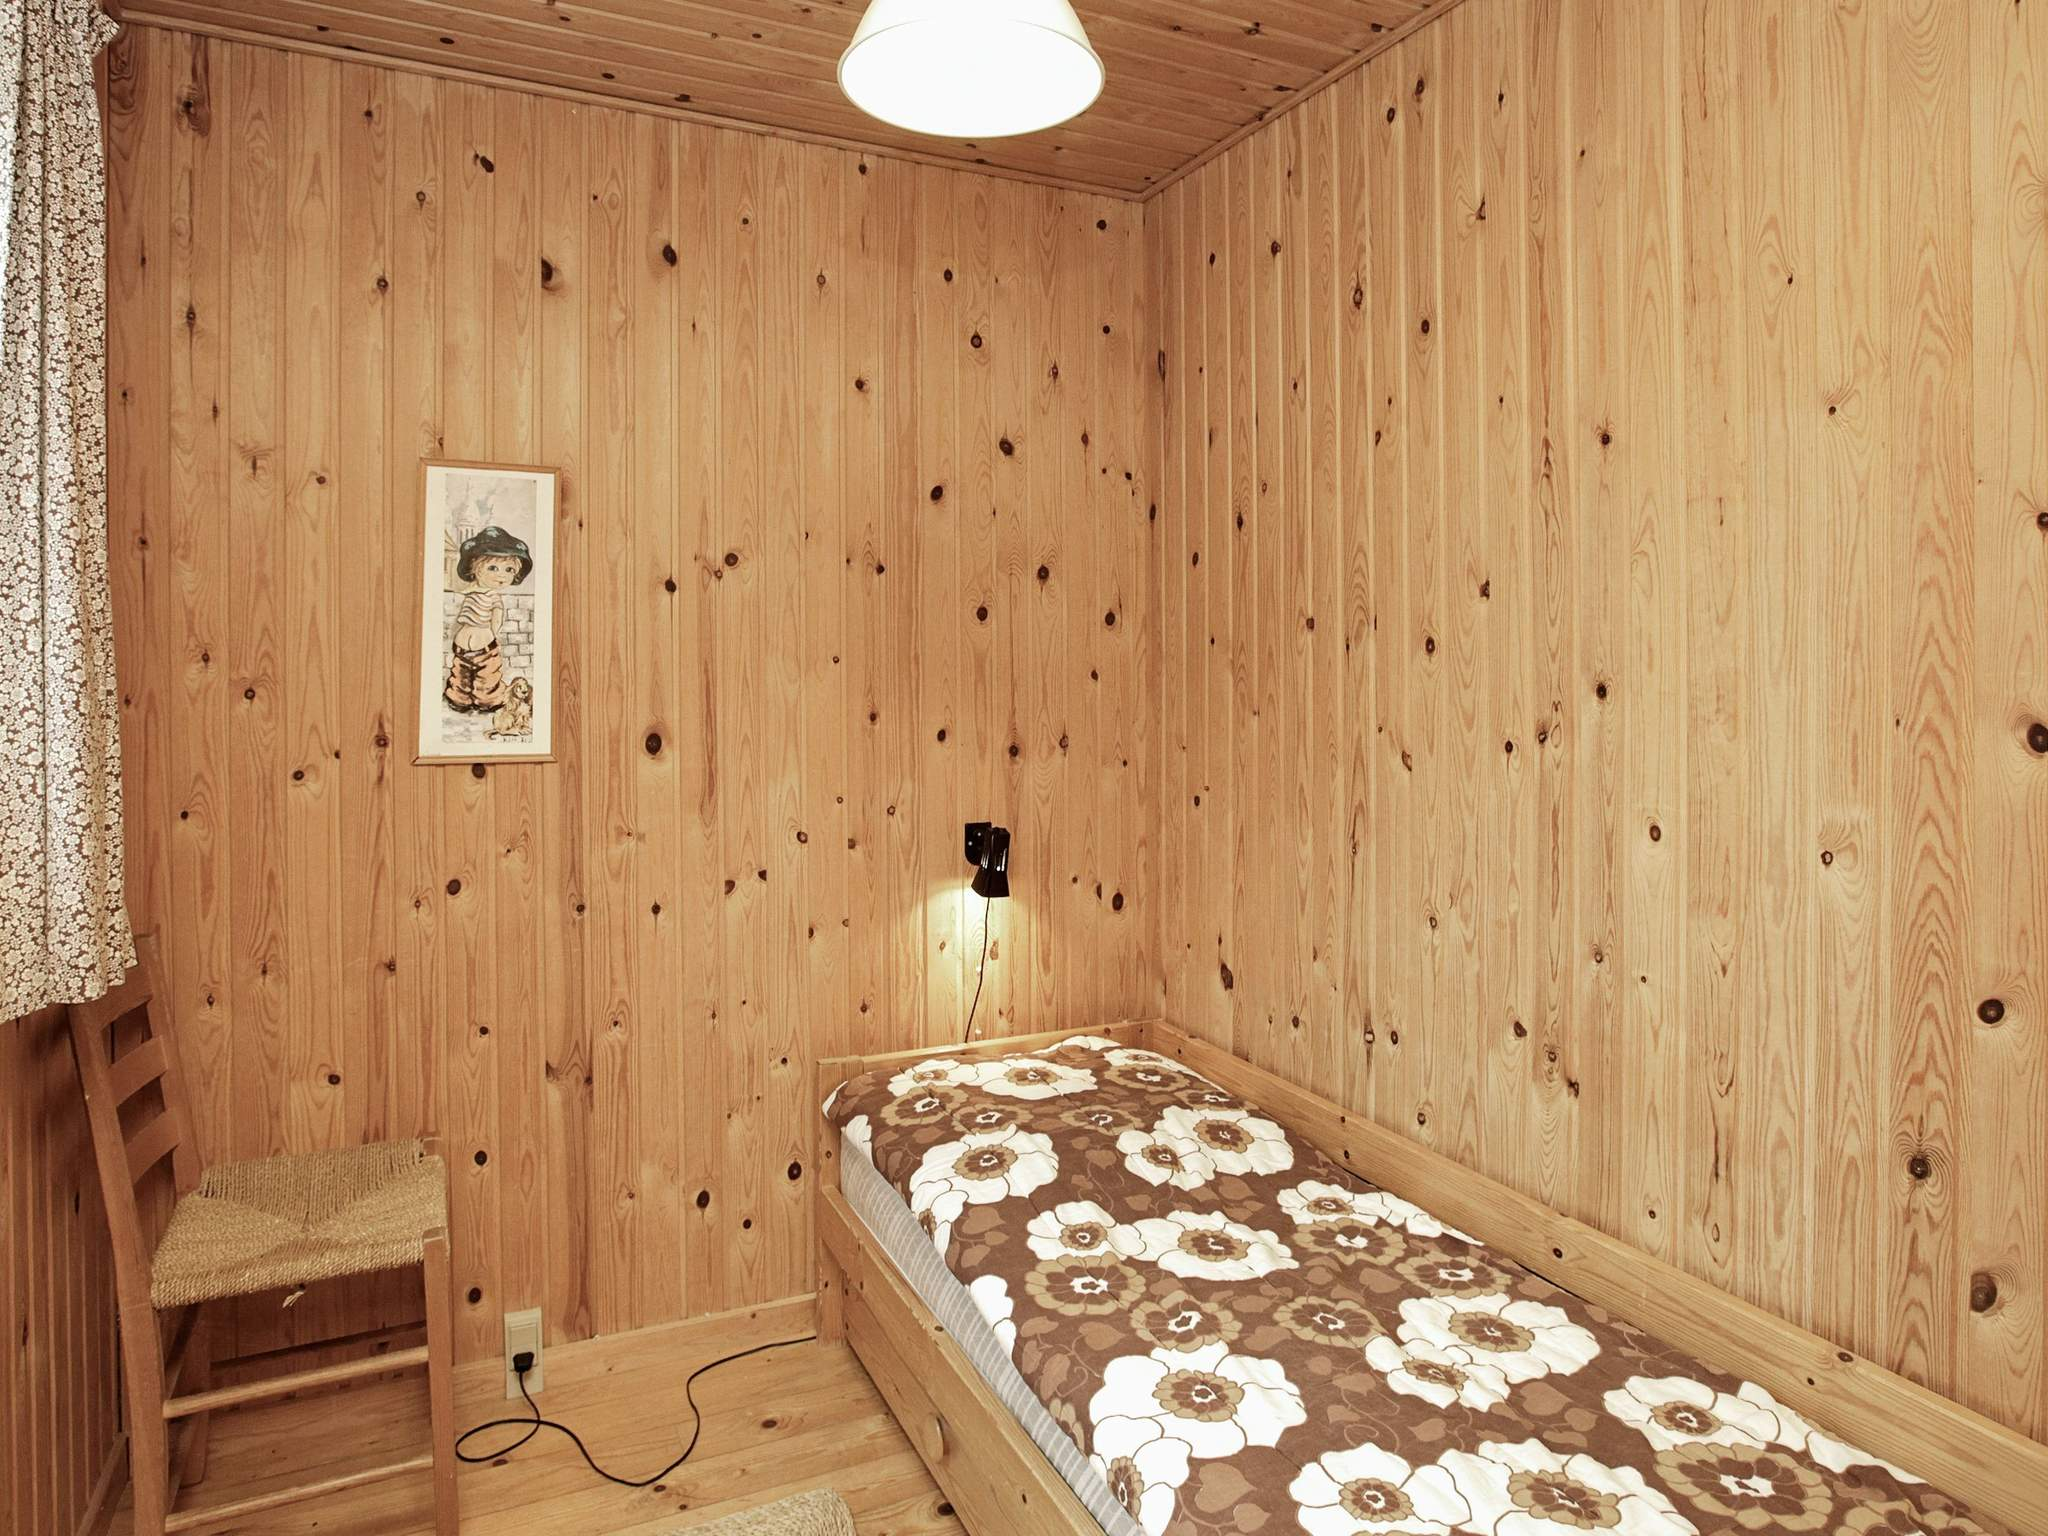 Ferienhaus Hou/Lagunen (88163), Hou, , Nordostjütland, Dänemark, Bild 11